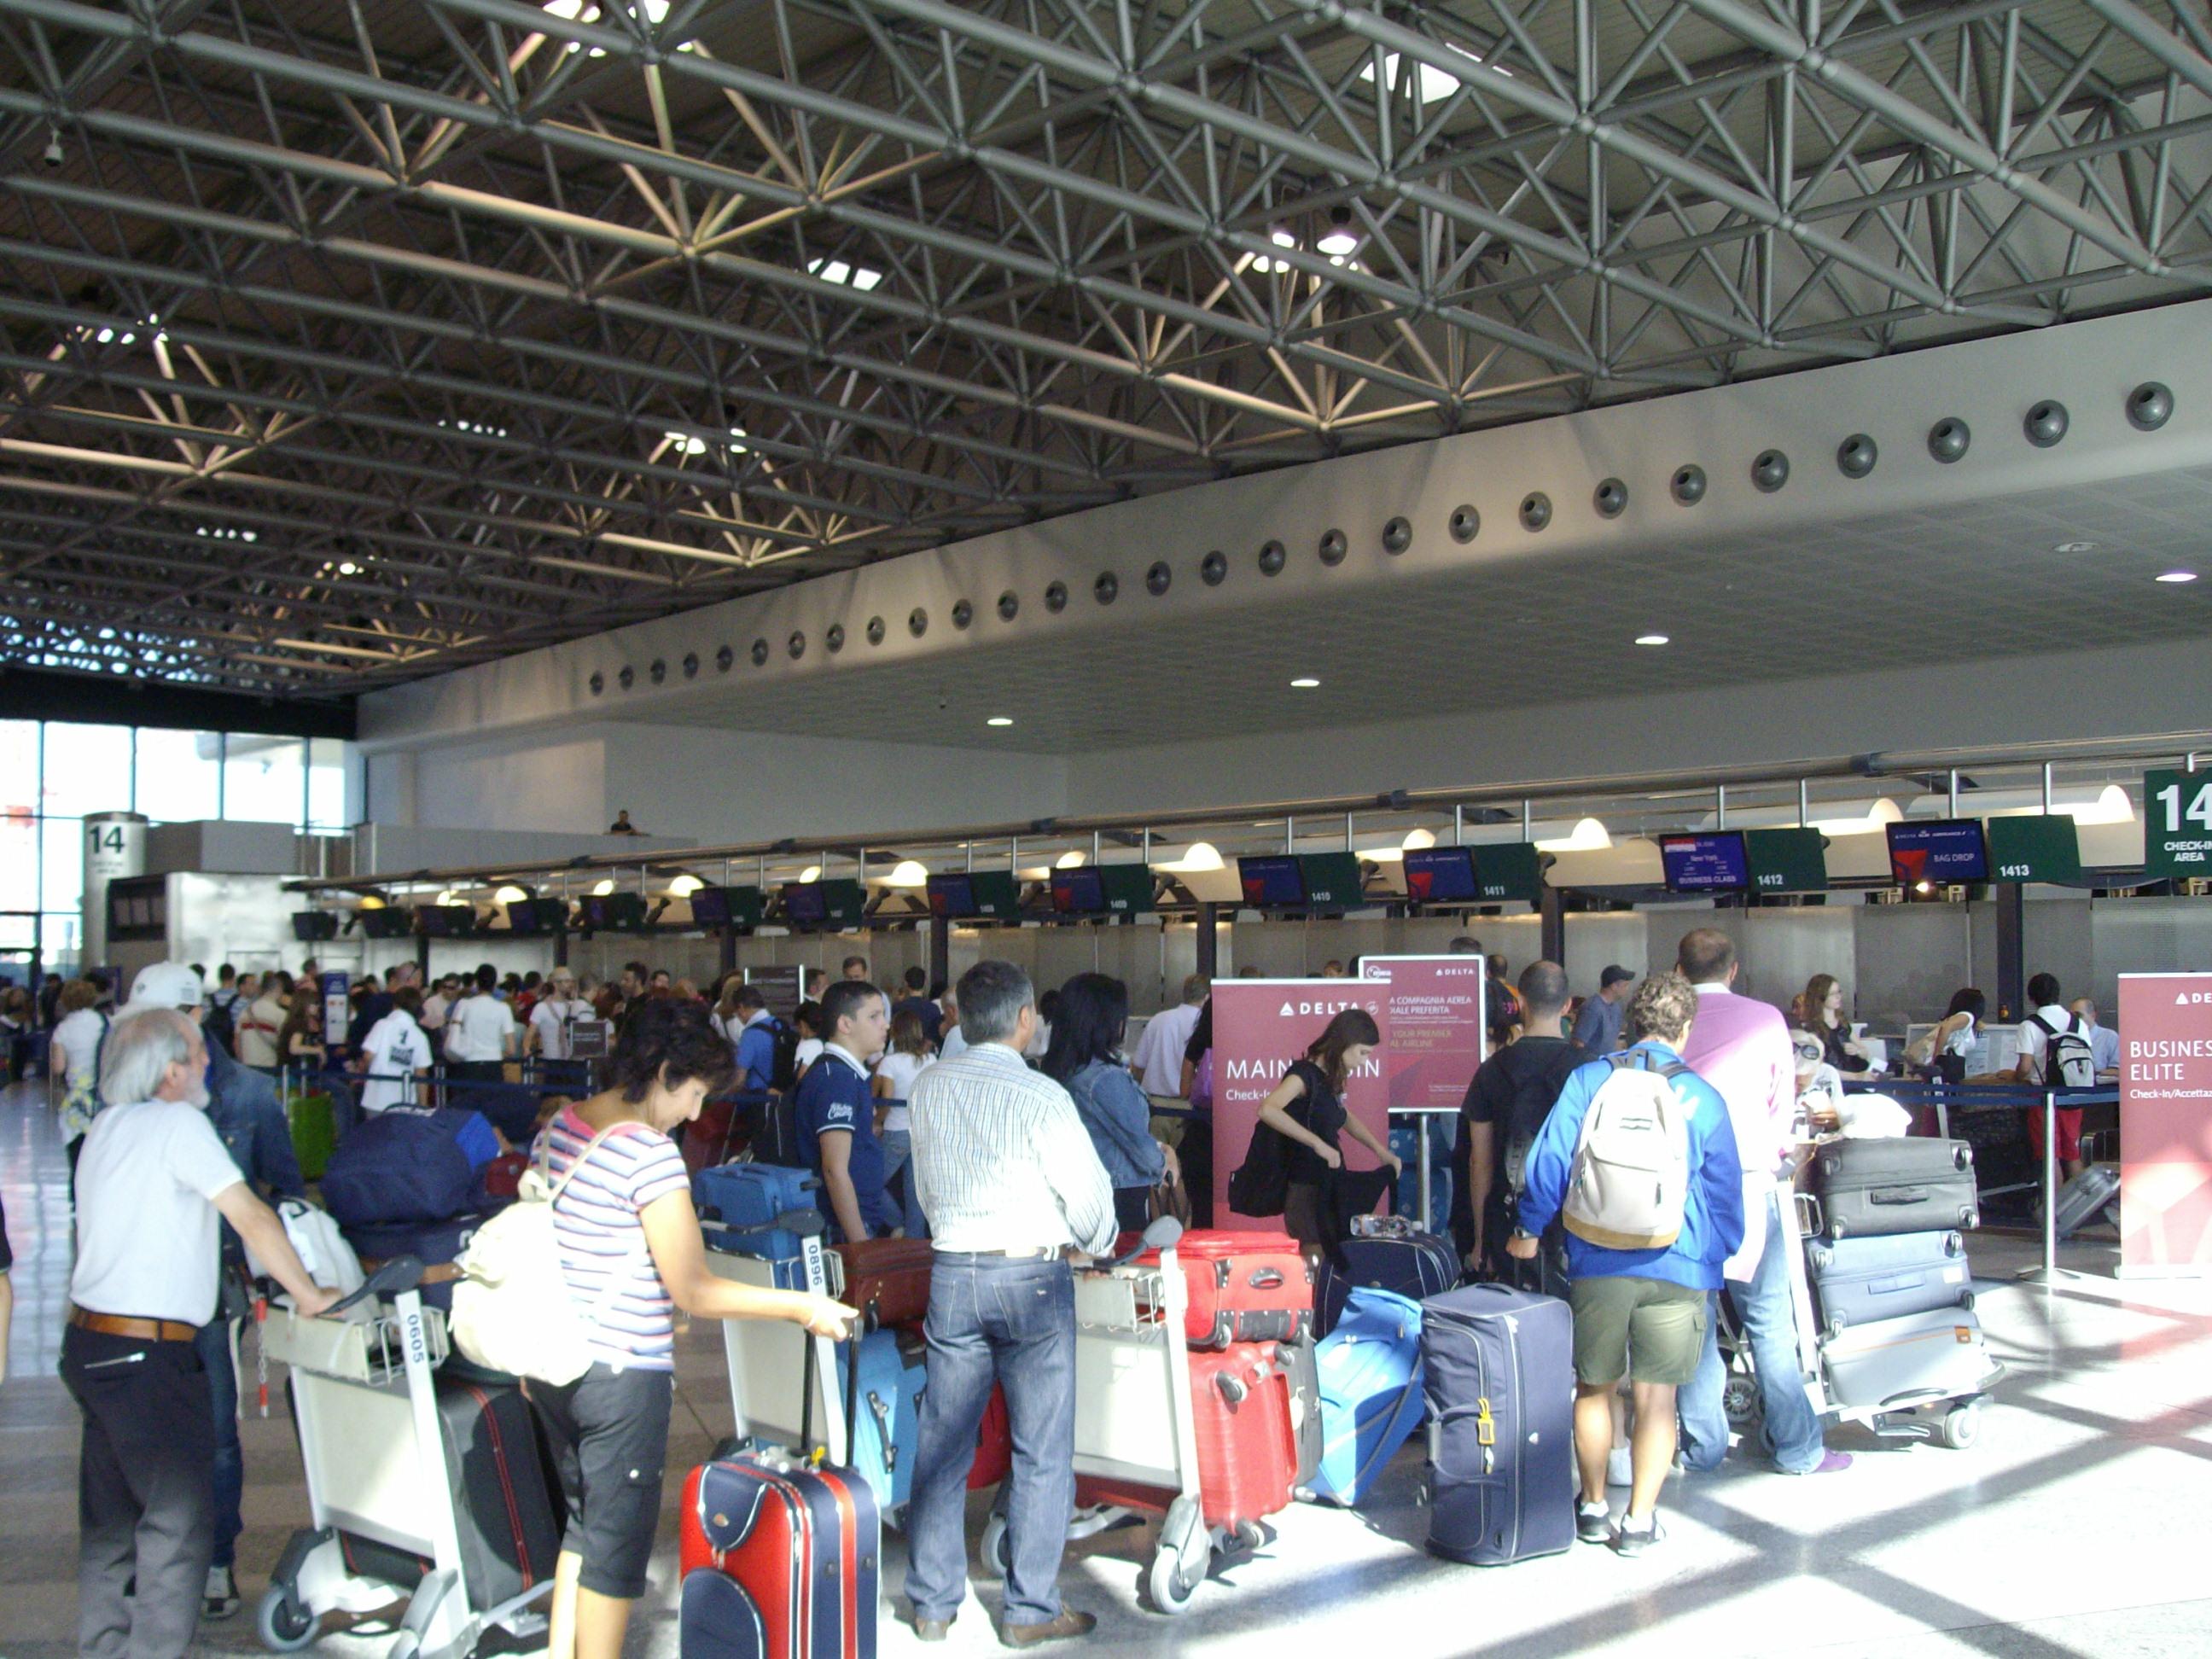 Aeroporto Zanzibar Partenze : Fitxer check in area milan malpensa airport g